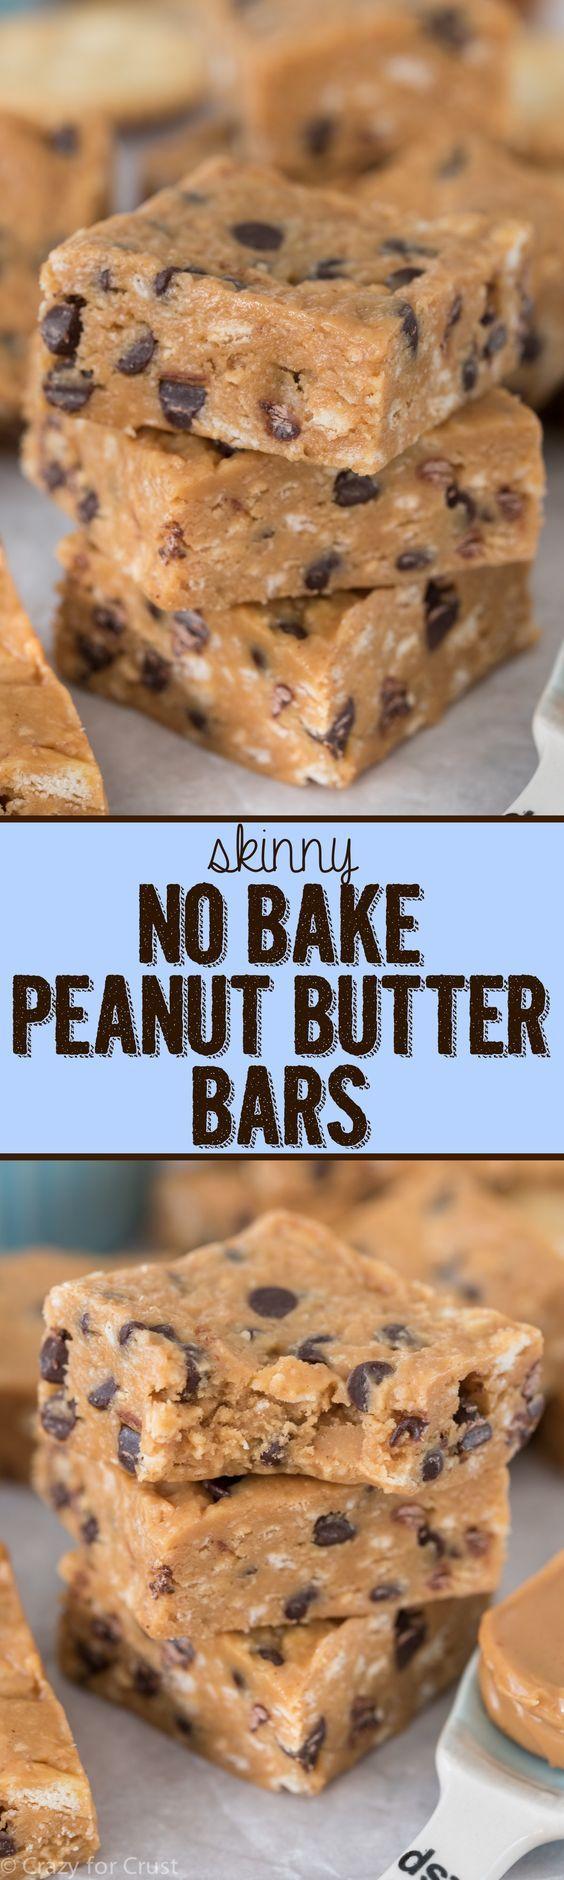 Peanut Butter on Pinterest | Peanut butter, Chocolate peanut butter ...